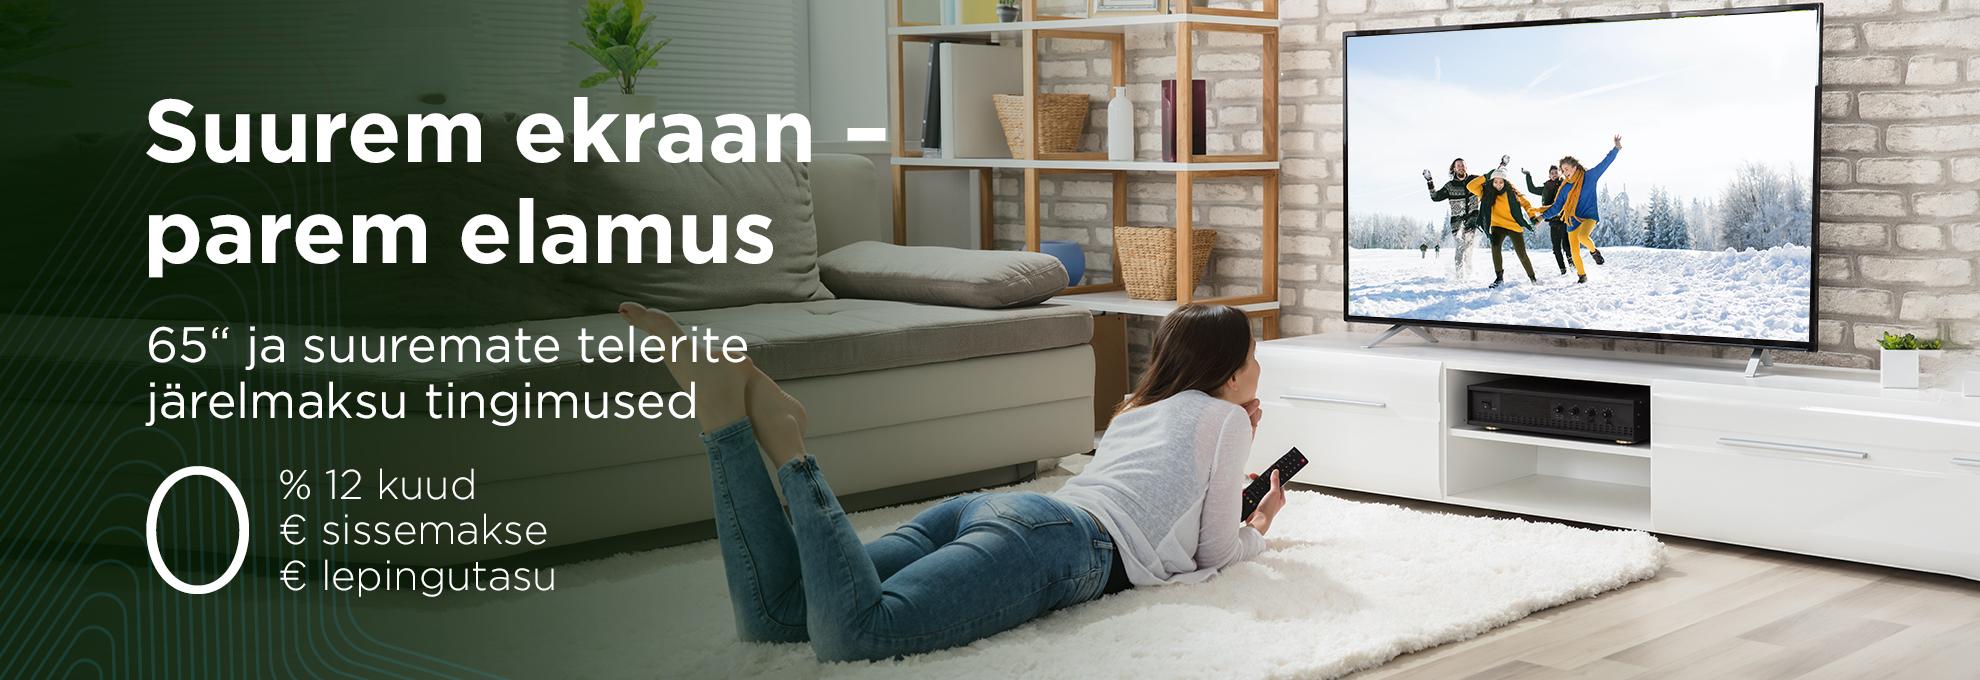 65 ja suuremate telerite järelmaksu intress 12 kuud 0% ja lepingutasu 0€, sissemakse 0€